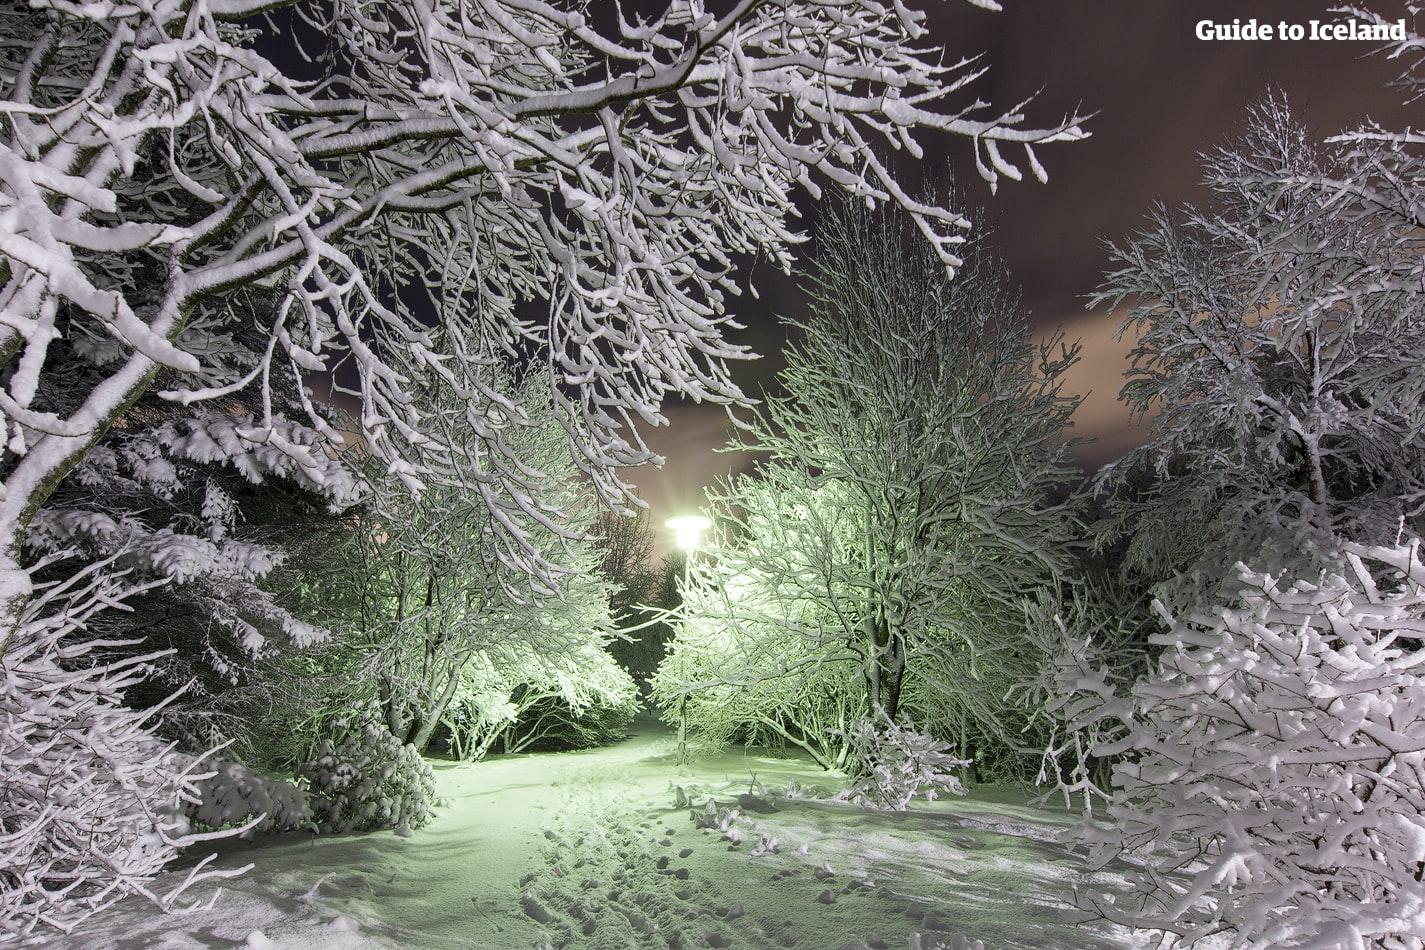 9-дневный зимний автотур | Полуостров Снайфелльснес, Южное побережье, ледниковая пещера - day 9